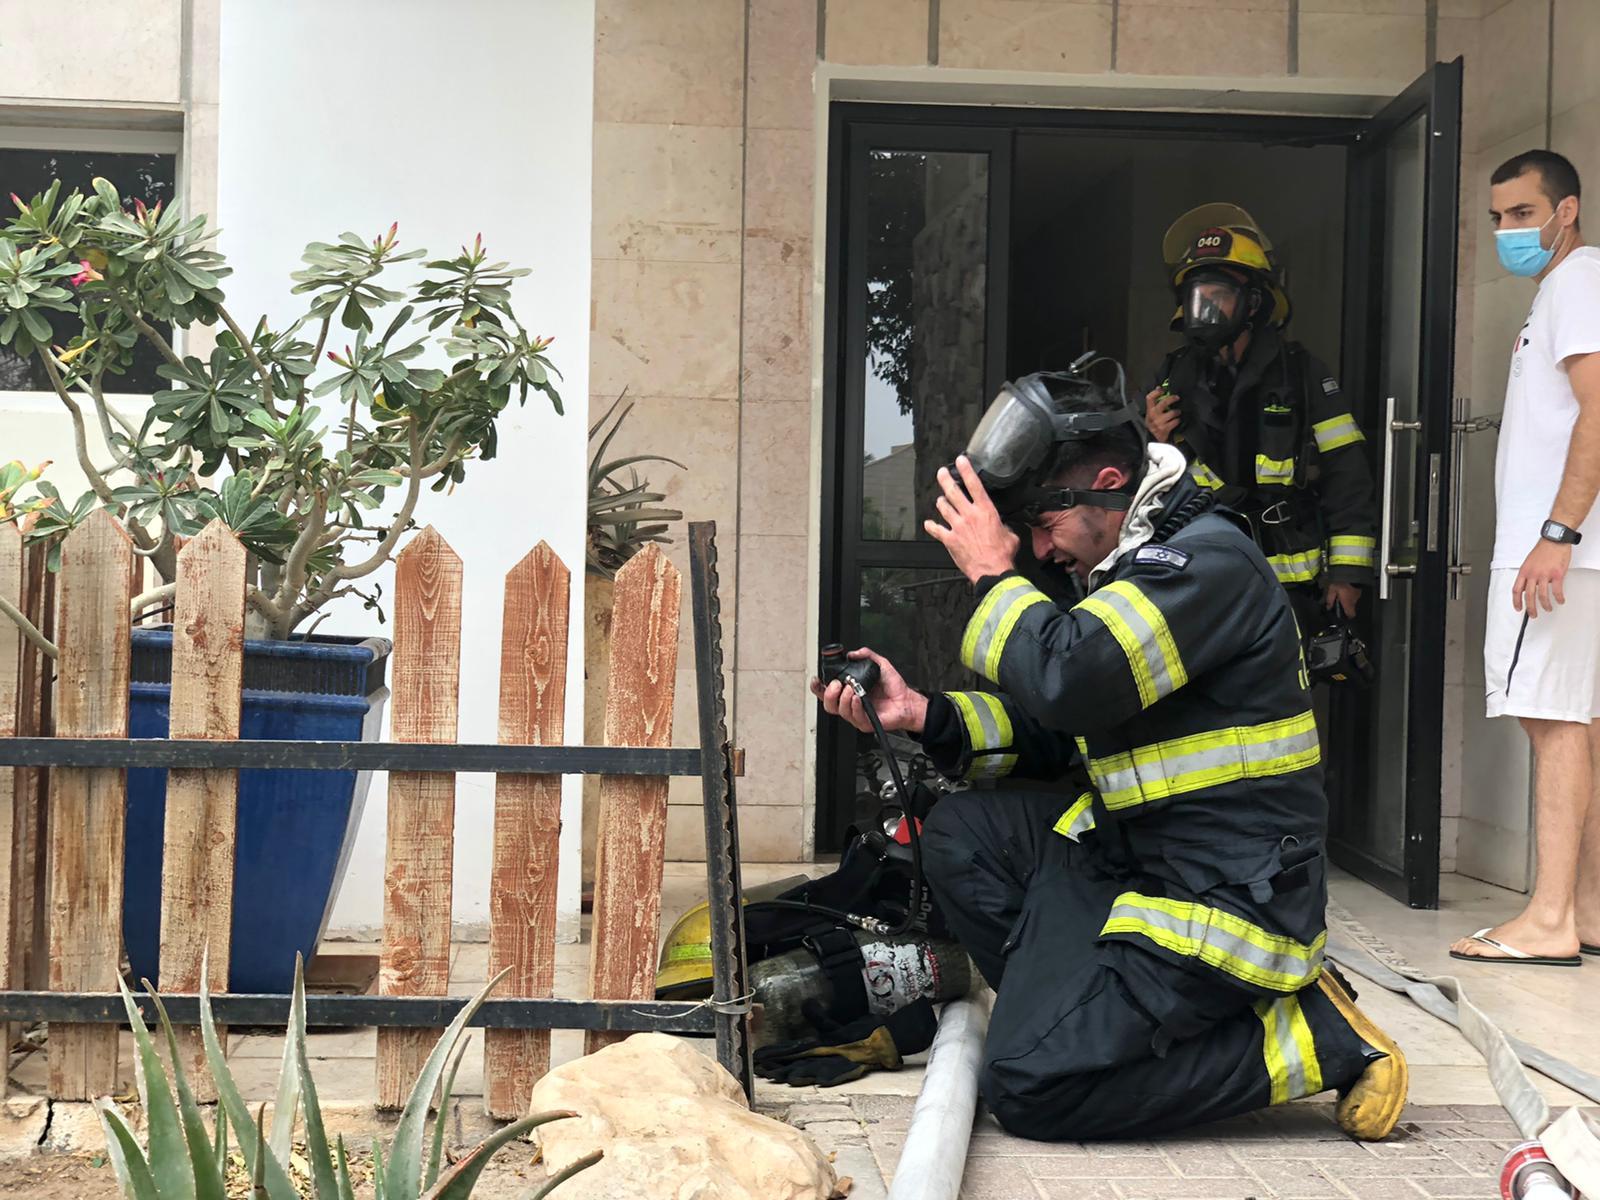 סיכום לאירוע השריפה ברחוב זהרון 13